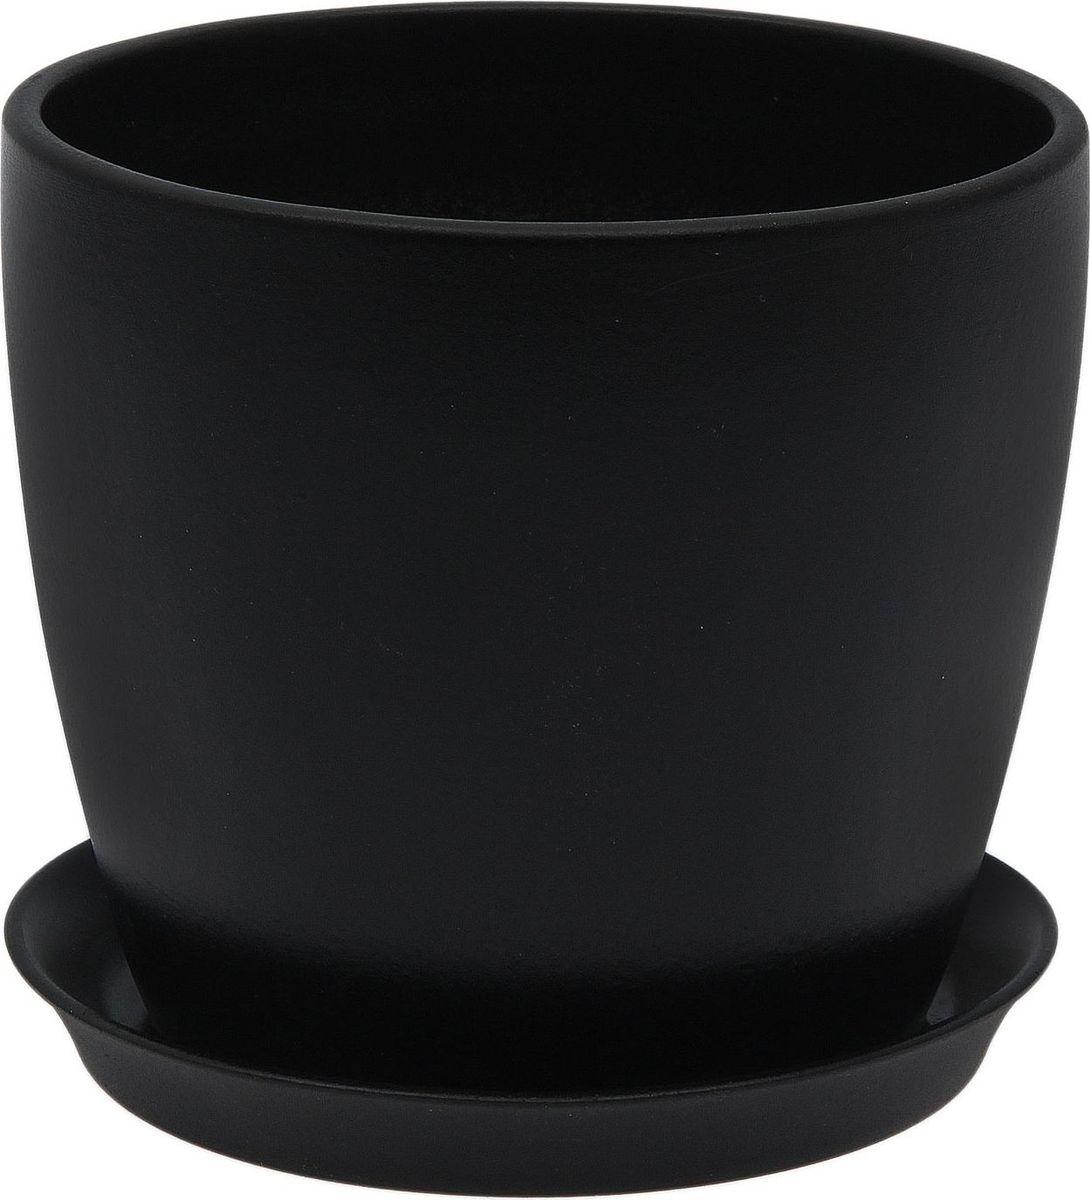 Кашпо Керамика ручной работы Осень. Лак, цвет: черный, 1 л1968856Комнатные растения - всеобщие любимцы. Они радуют глаз, насыщают помещение кислородом и украшают пространство. Каждому из них необходим свой удобный и красивый дом. Кашпо из керамики прекрасно подходят для высадки растений: за счет пластичности глины и разных способов обработки существует великое множество форм и дизайнов. Пористый материал позволяет испаряться лишней влаге воздух, необходимый для дыхания корней.